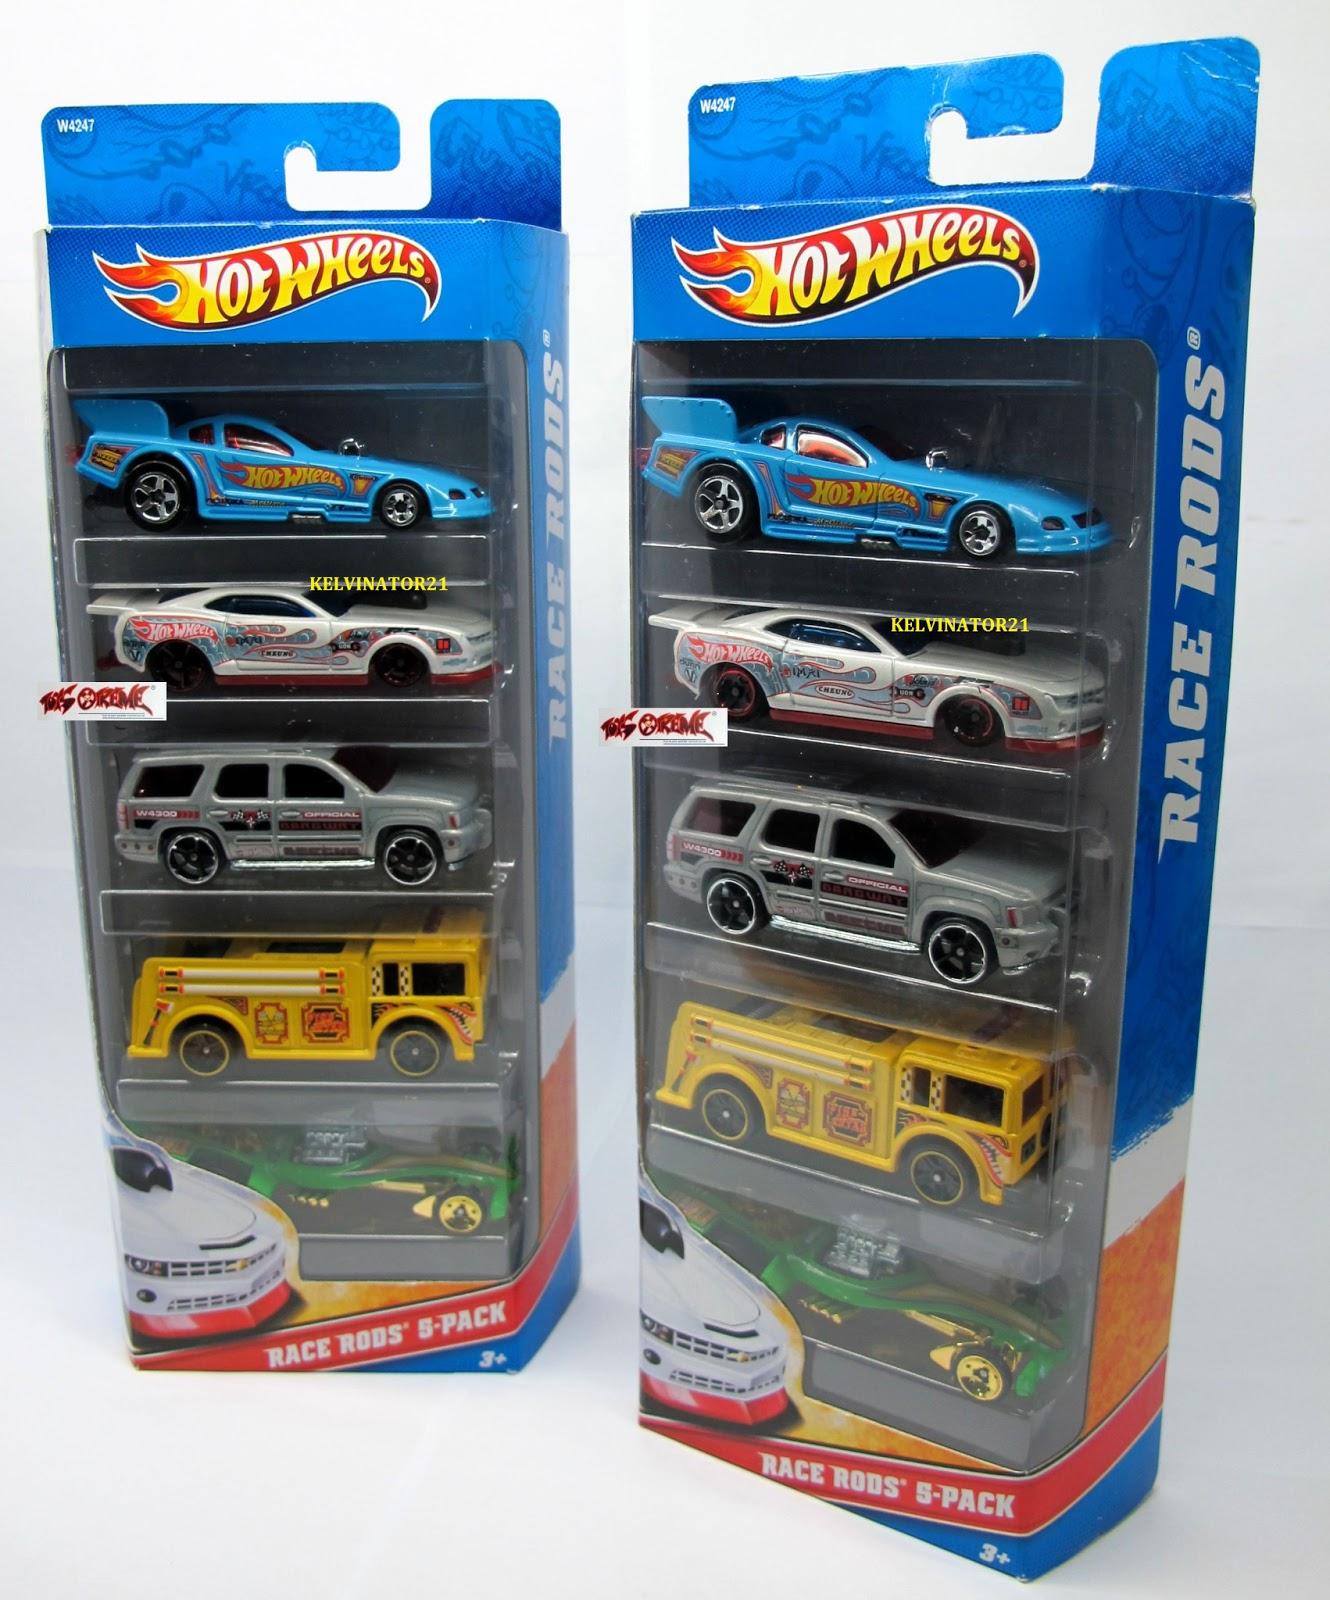 Pack Lamborghini Wheels Hot 5 Kelvinator21 S